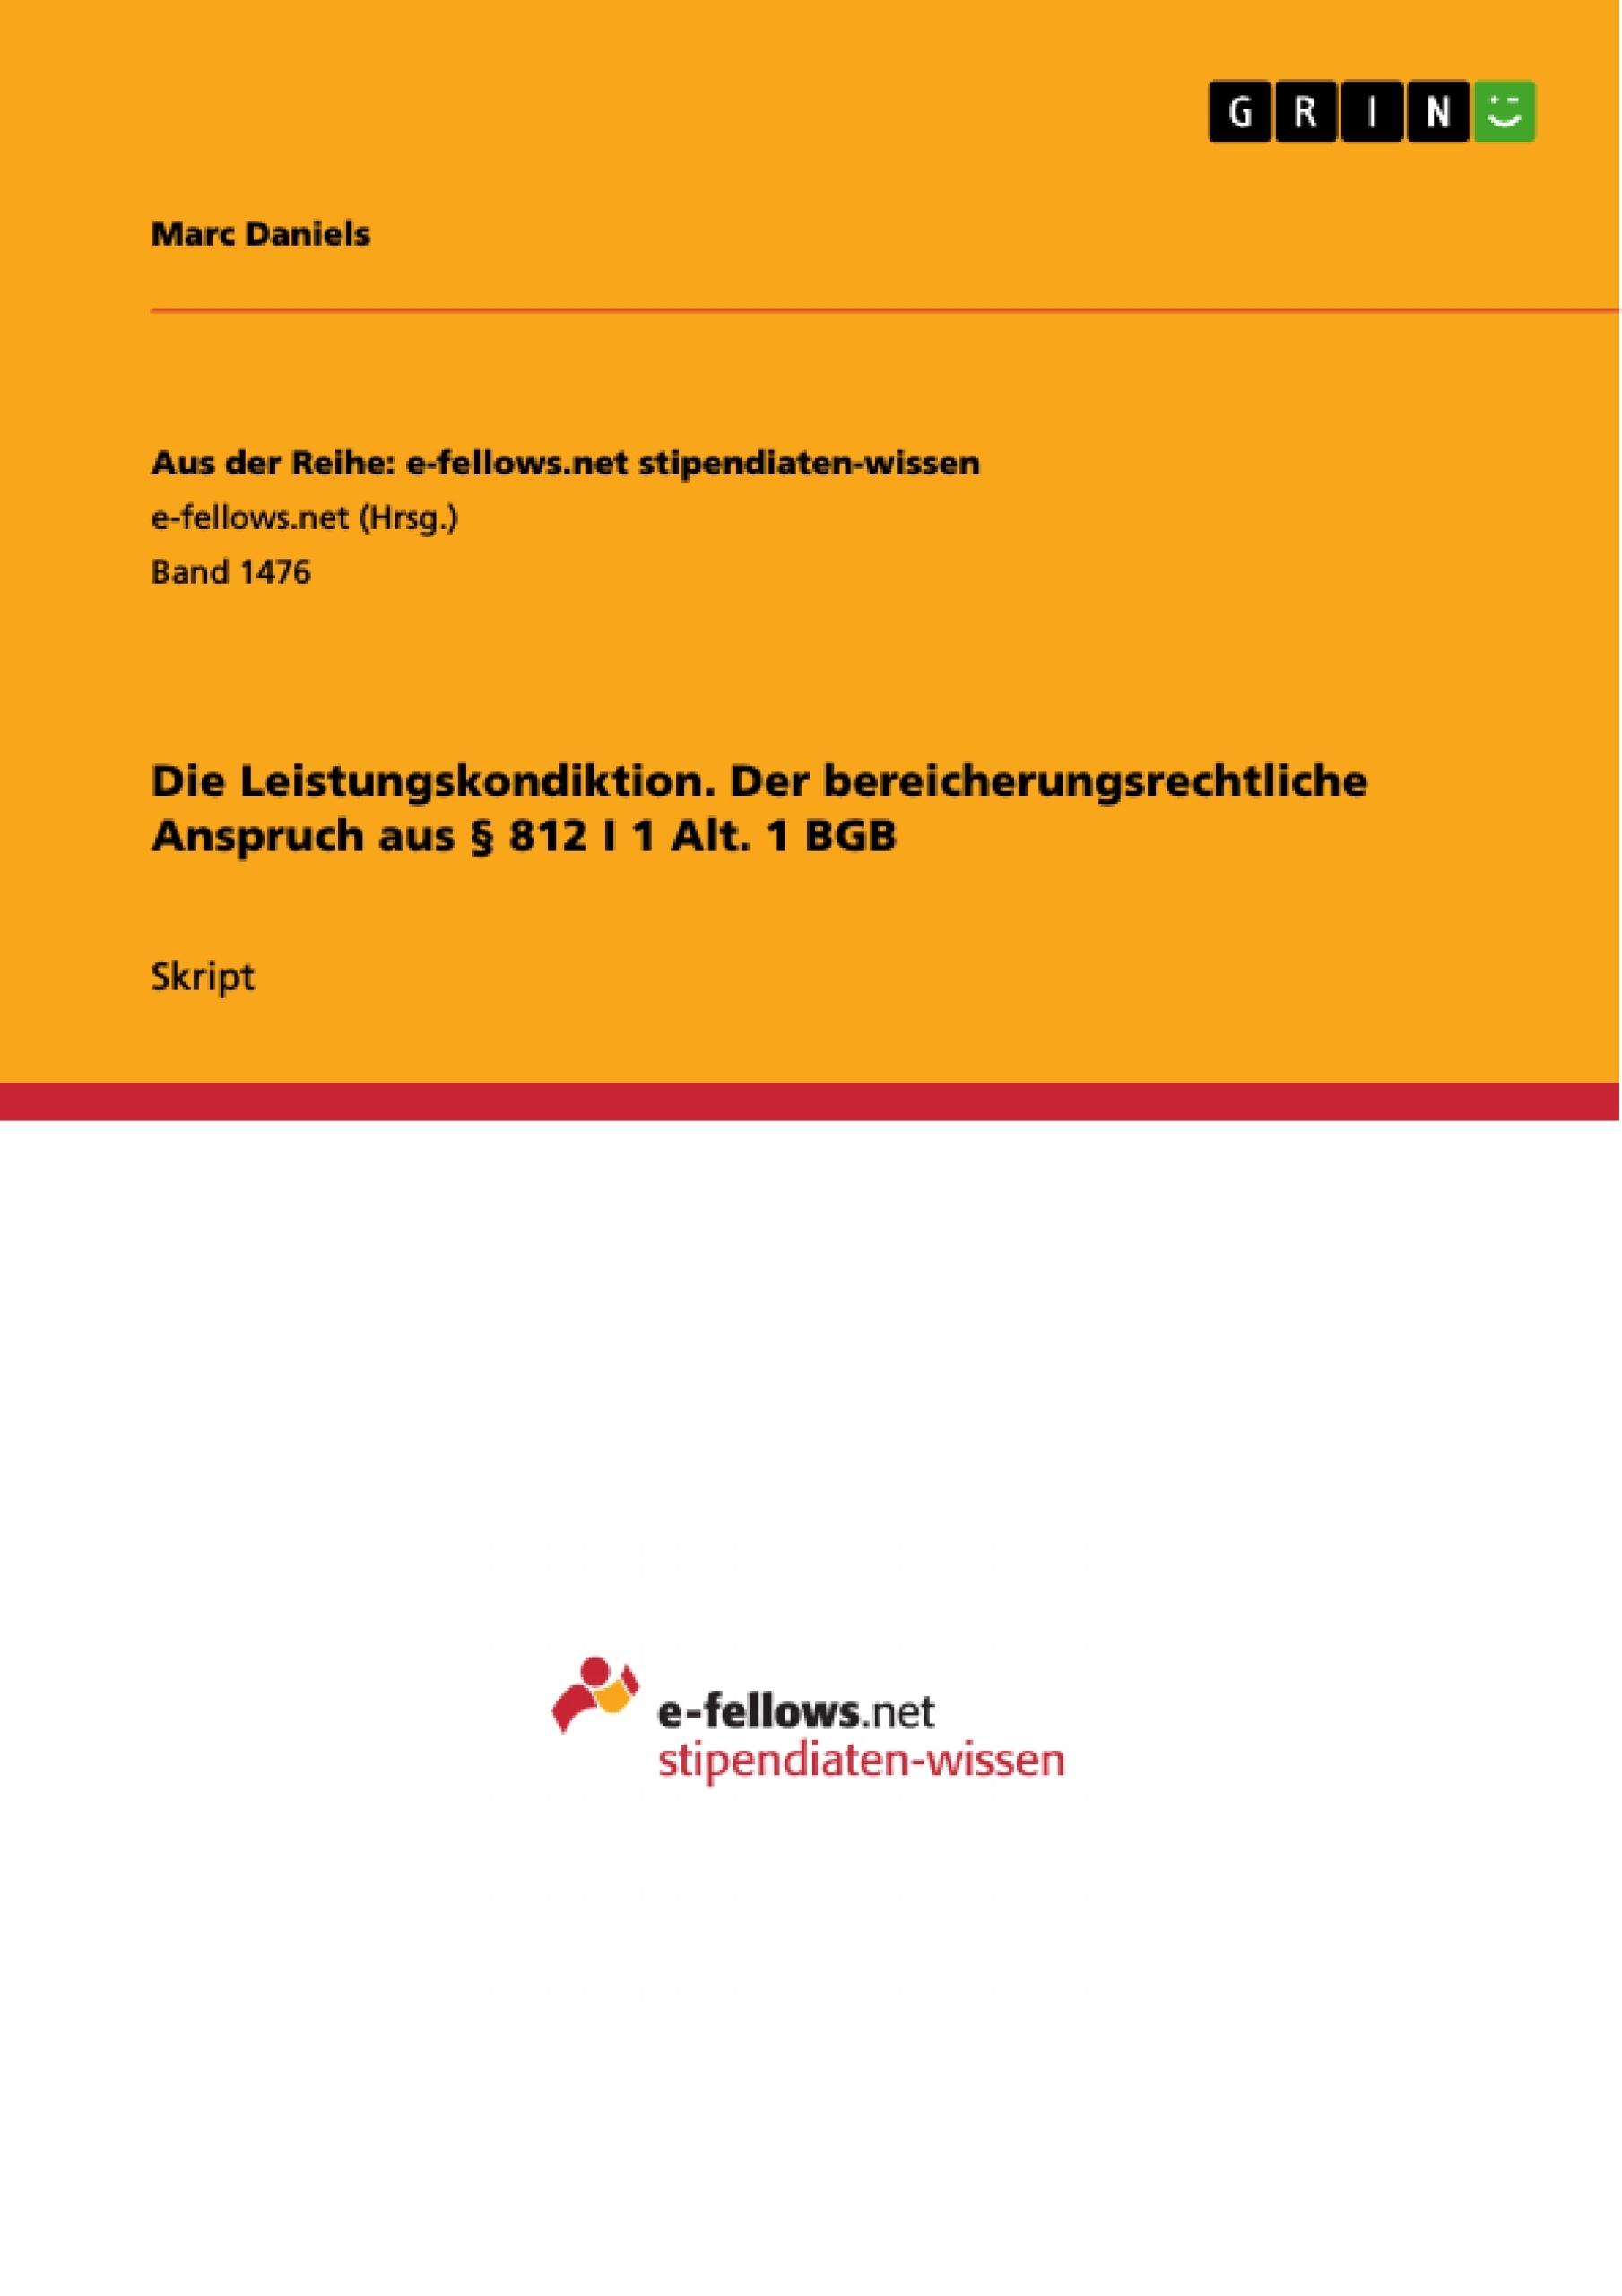 Titel: Die Leistungskondiktion. Der bereicherungsrechtliche Anspruch aus § 812 I 1 Alt. 1 BGB